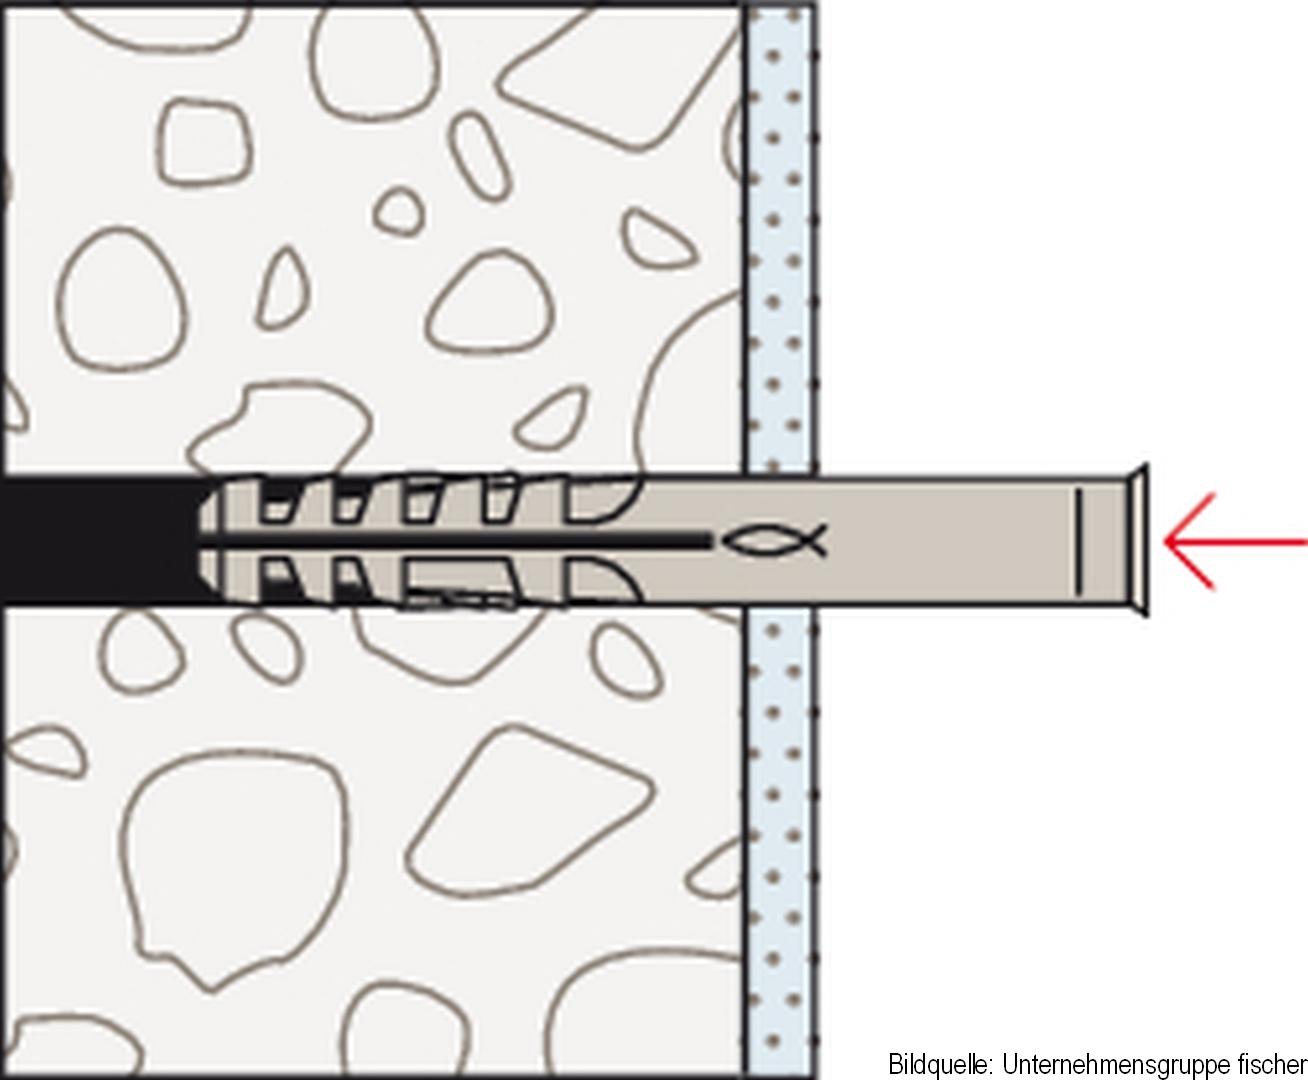 fischer GS Gerüstöse, Gerüstschraube, 12 x 300 mm, 25-er Pack